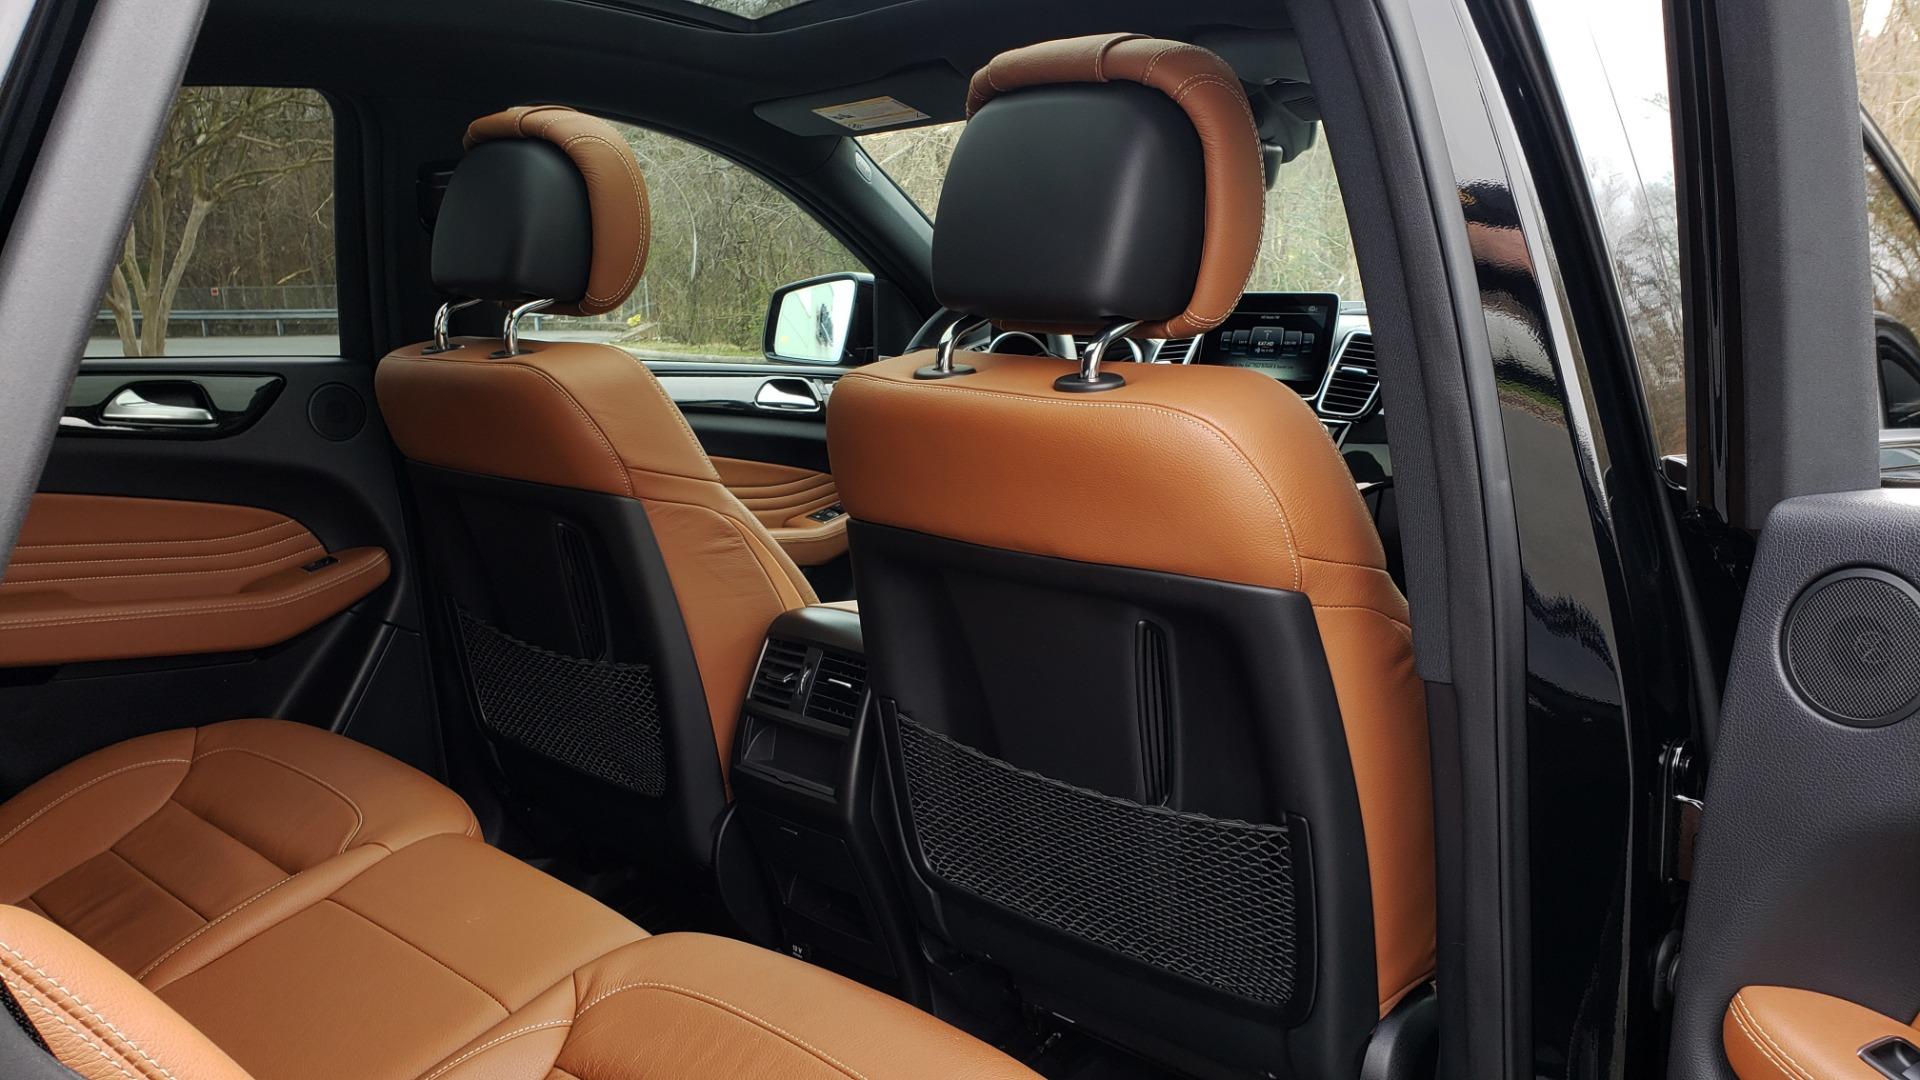 Used 2016 Mercedes-Benz GLE 450 AMG / AWD / PREM PKG / PARK ASST / DRVR ASST / SUNROOF for sale Sold at Formula Imports in Charlotte NC 28227 83